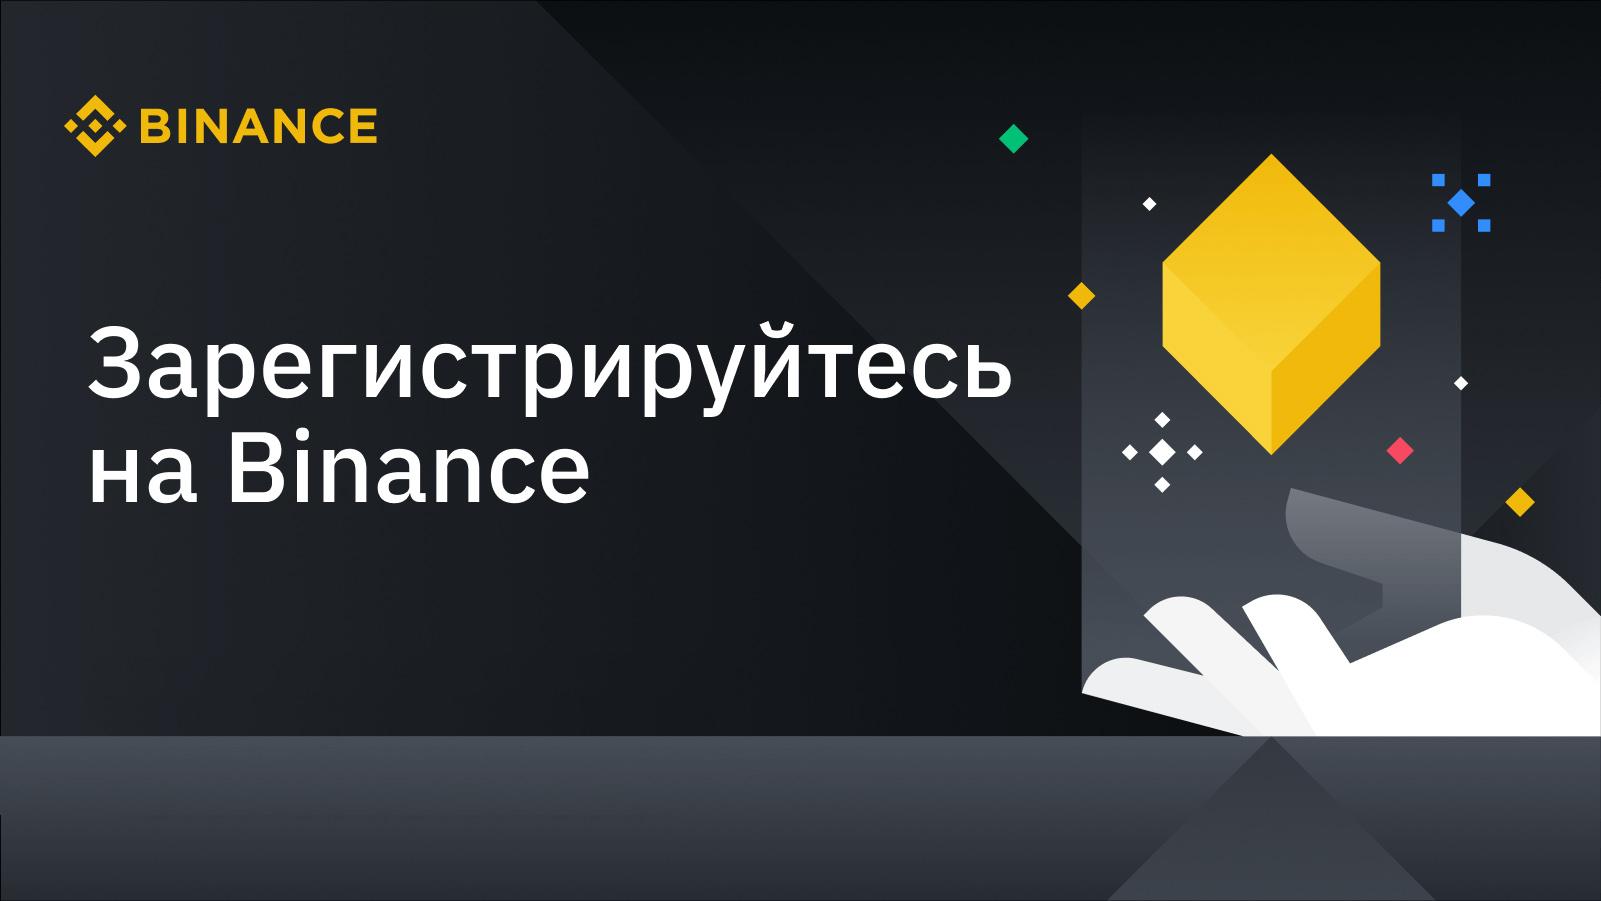 Как зарегистрироваться на криптовалютной бирже Binance и получить скидку на комиссии